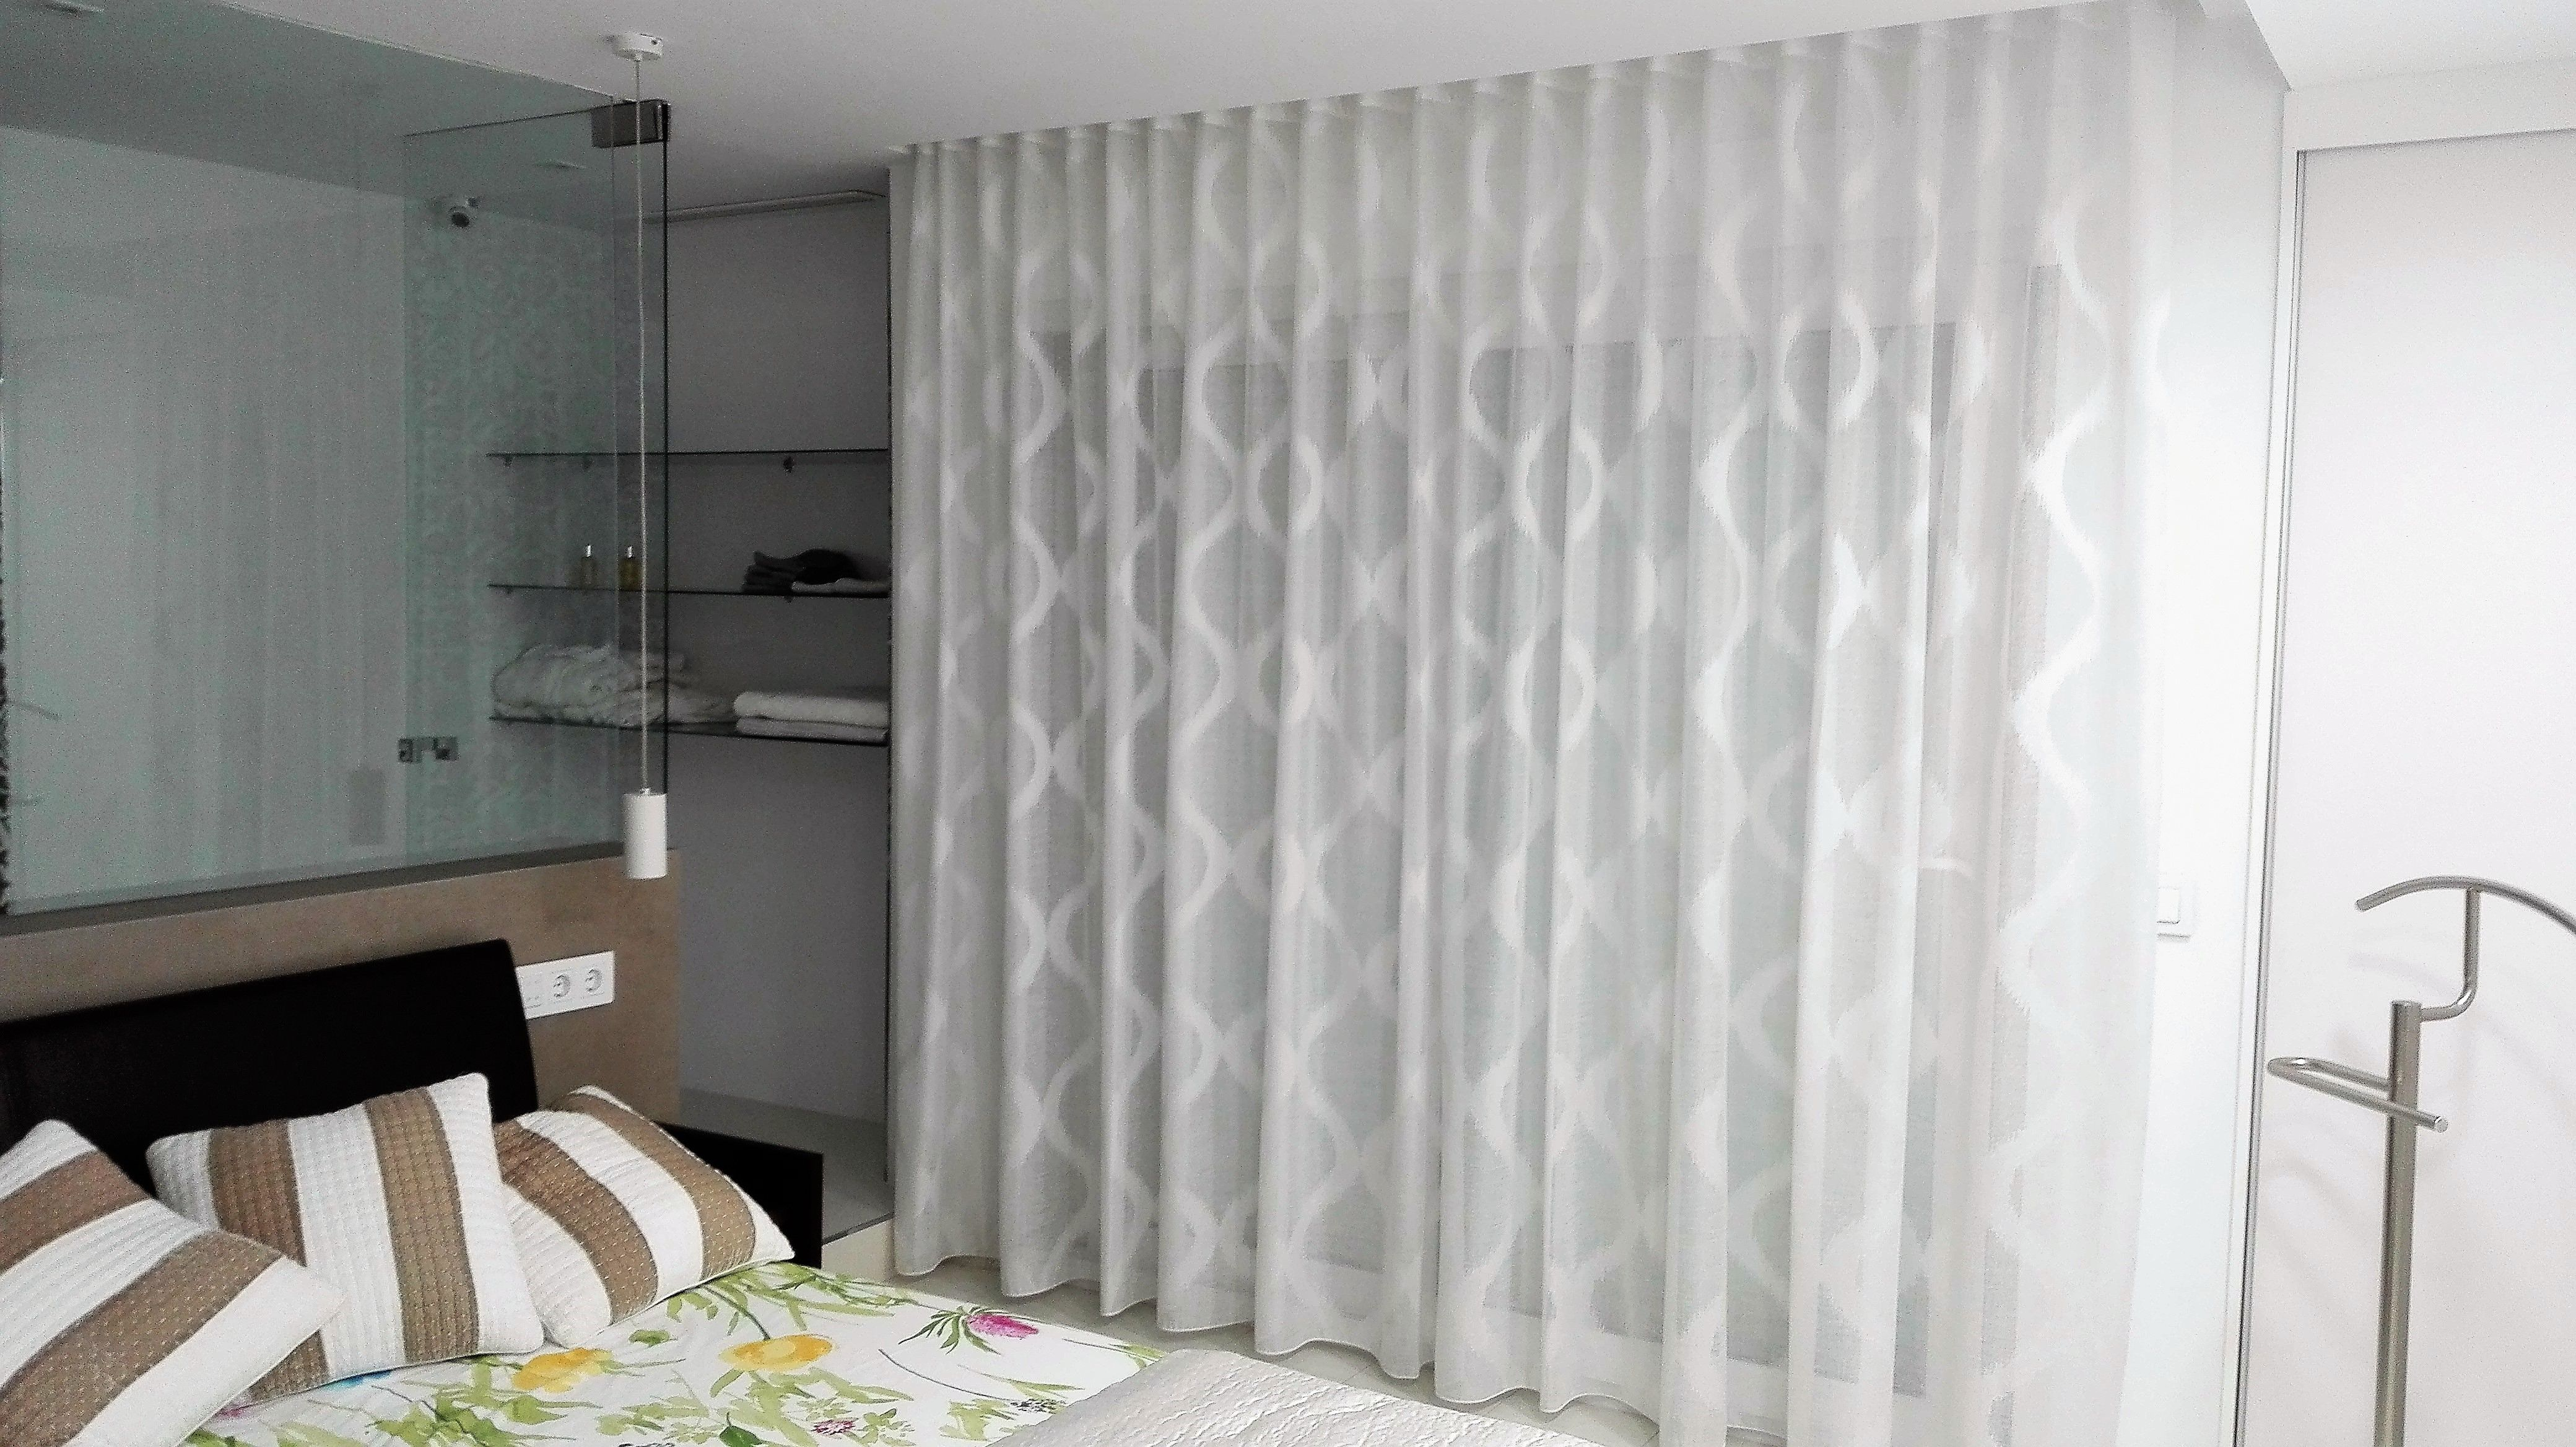 Confeccion de cortinas madrid fabulous tecnicas with confeccion de cortinas madrid cortinas - Cortinas y estores madrid ...